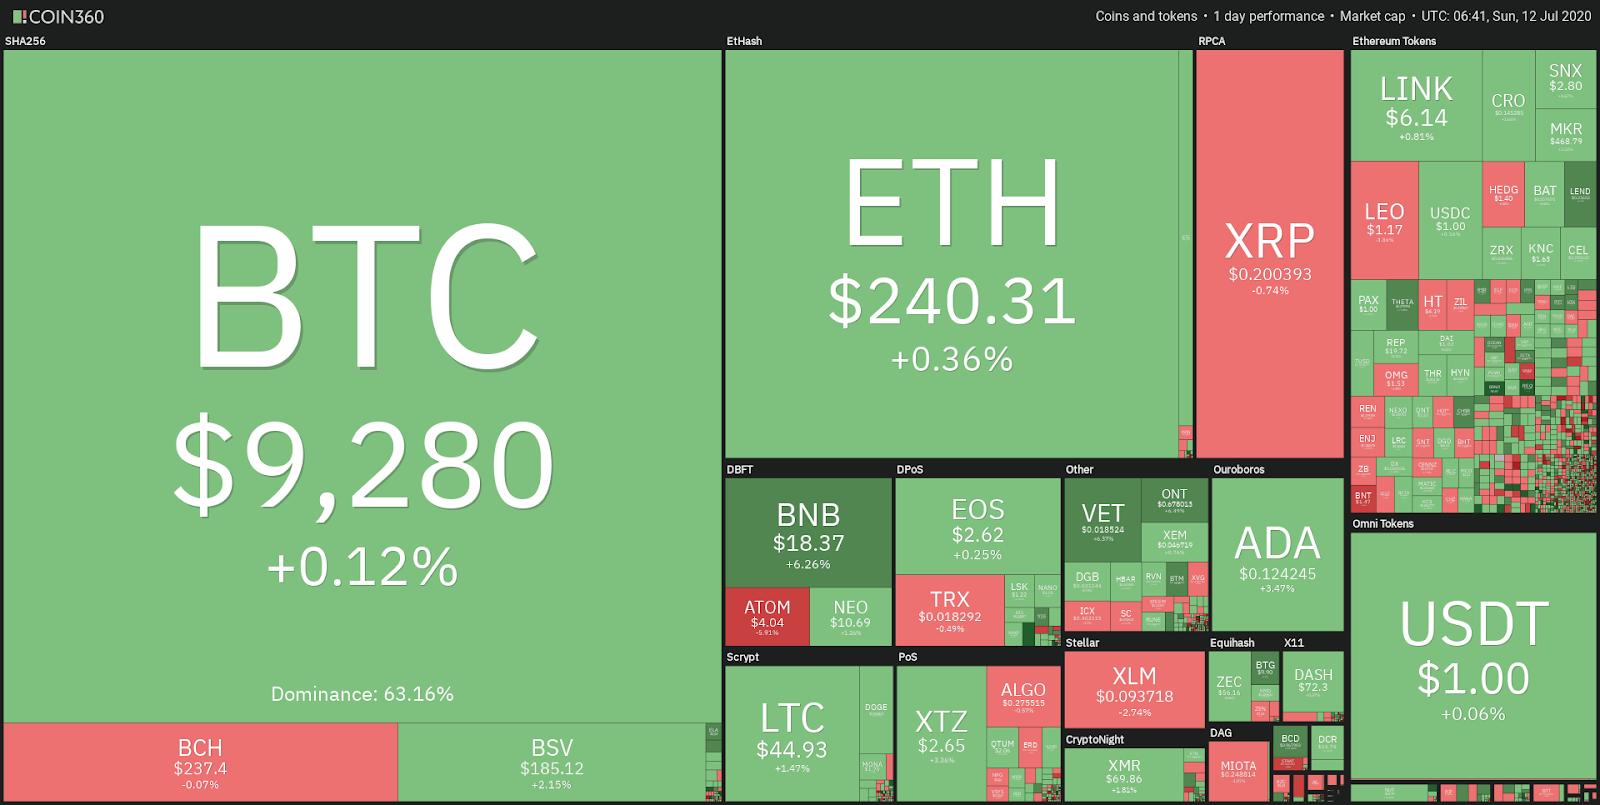 Daily crypto market performance